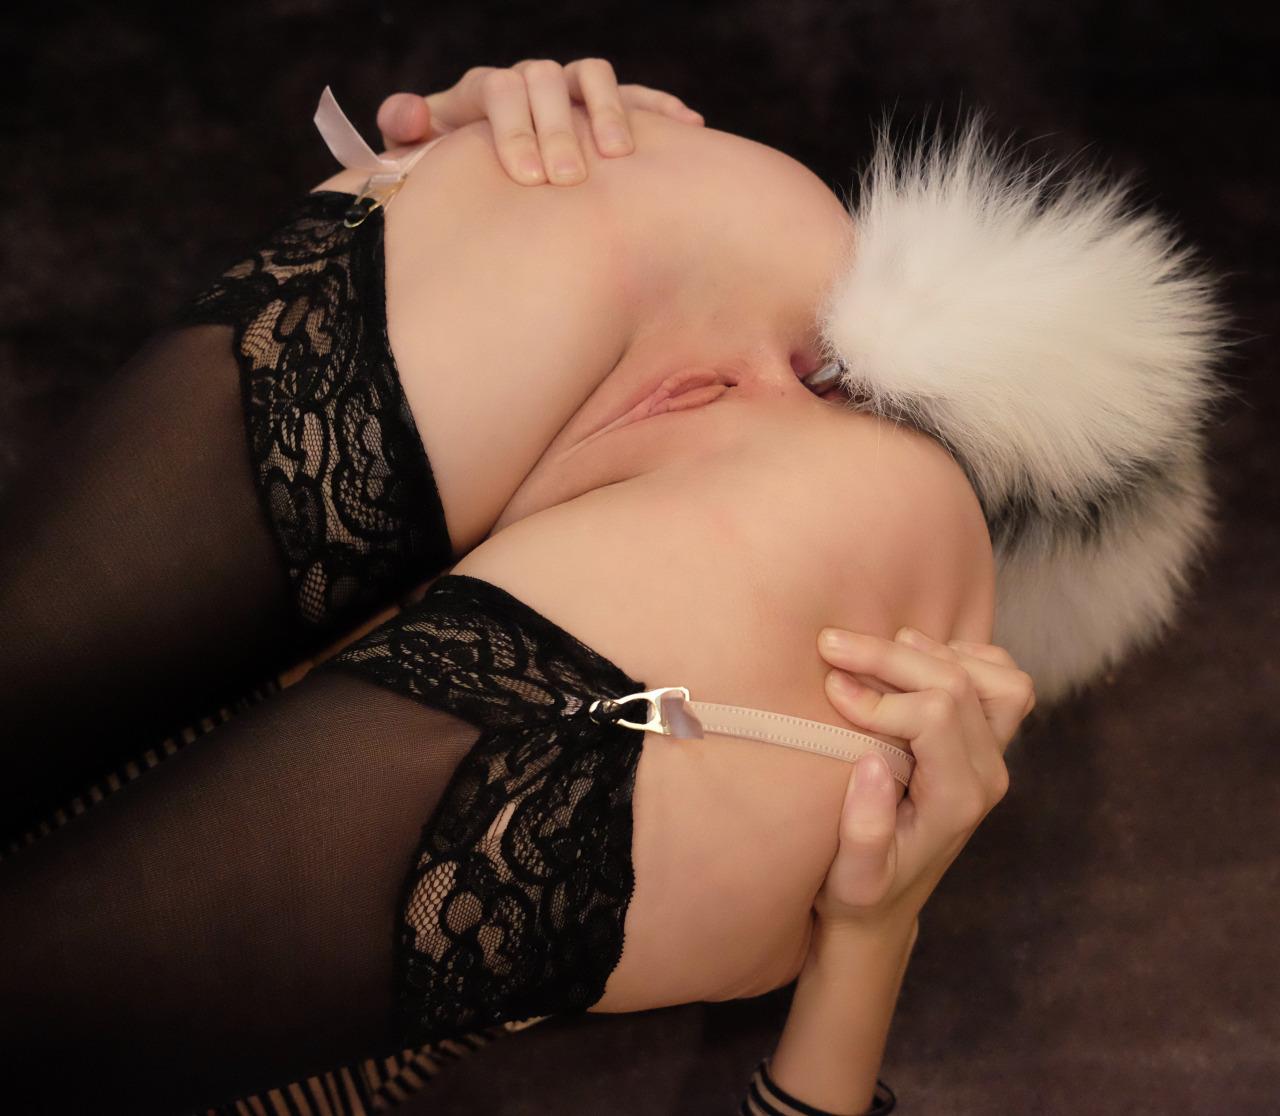 Pet Play Porn Photo